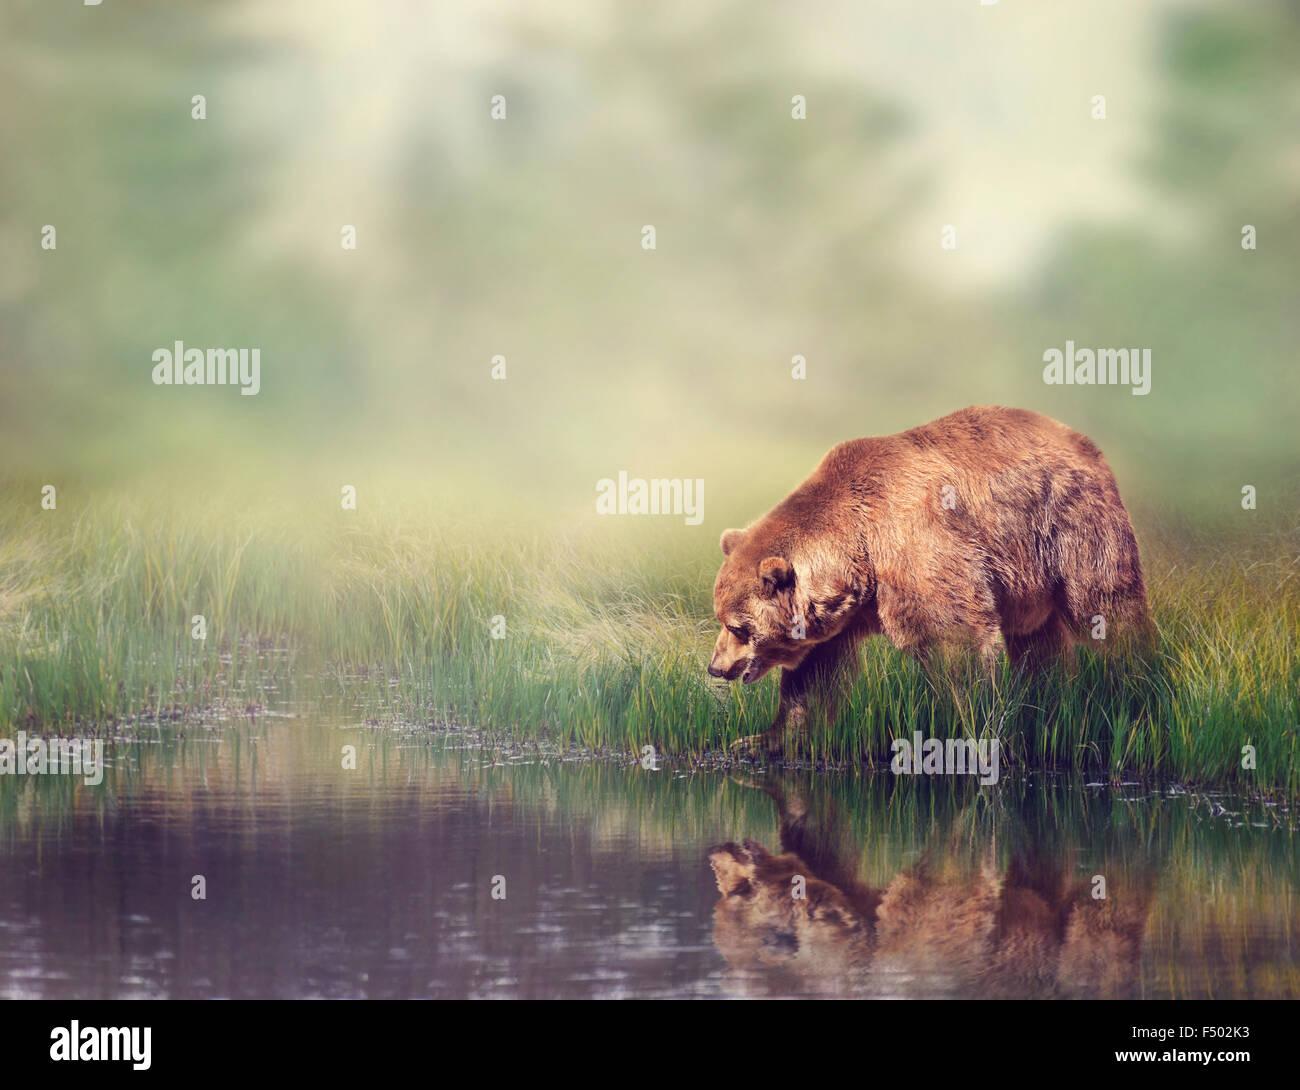 Ours brun près de l'étang avec la réflexion Photo Stock